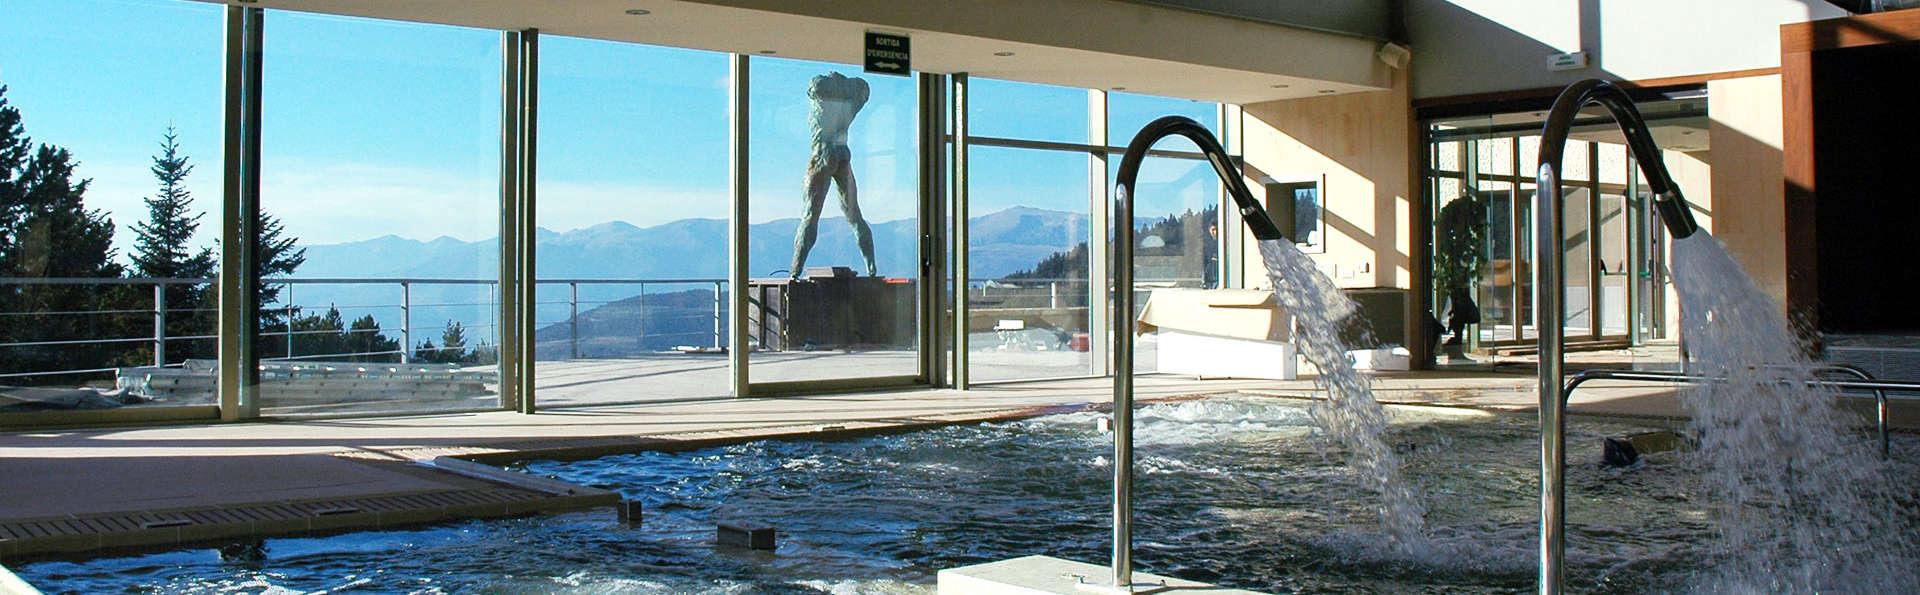 Spécial Famille : Évadez-vous dans les Pyrénées catalanes et profitez d'un séjour relaxant